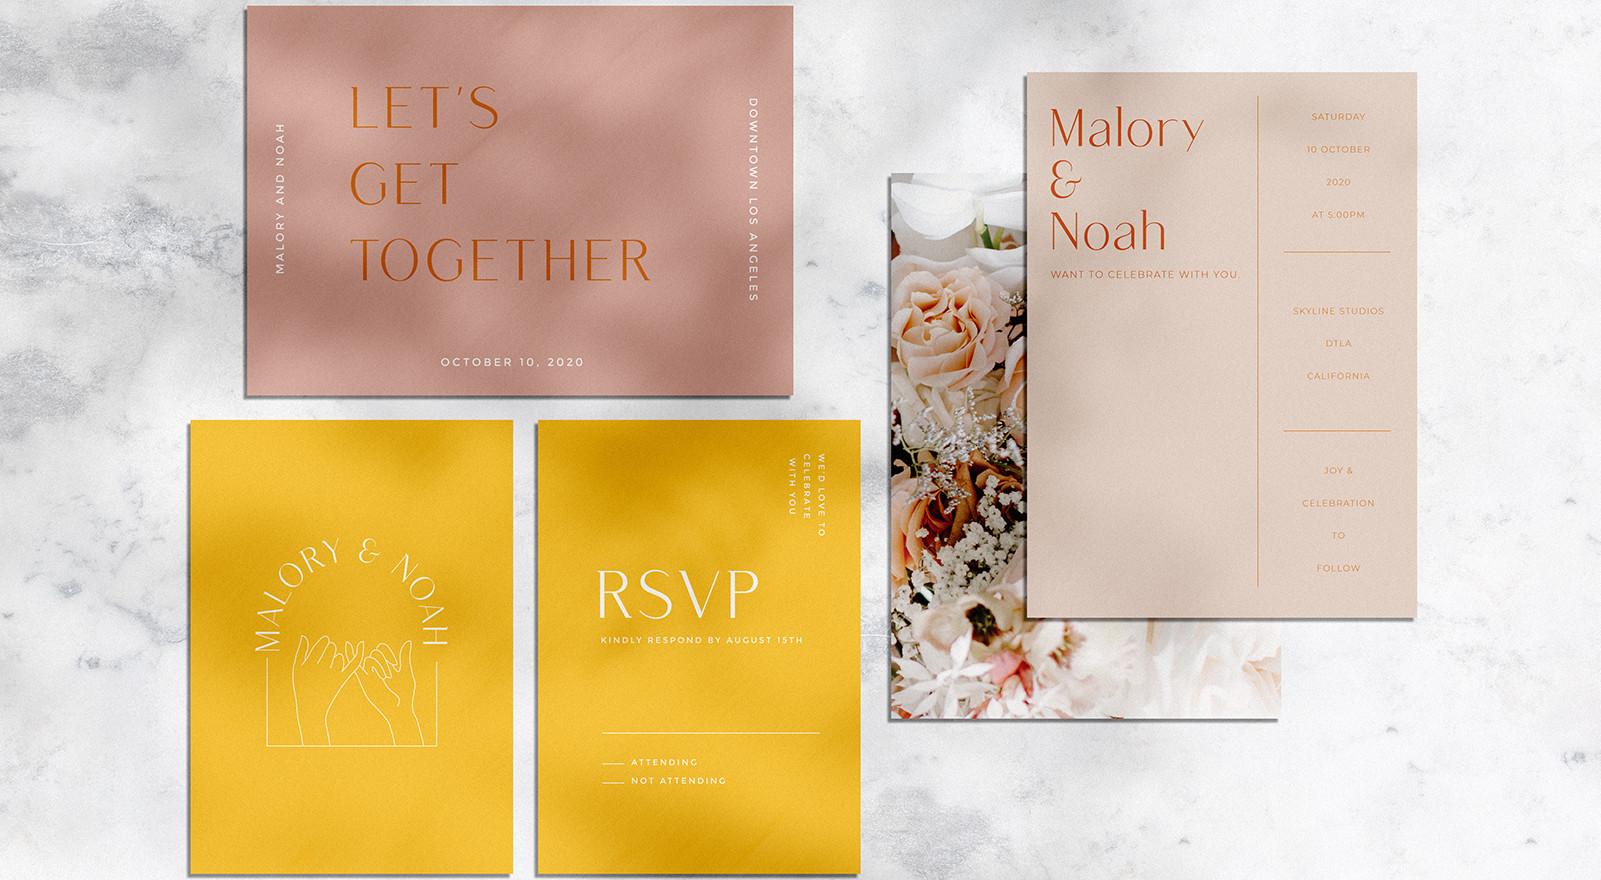 let's get together invite.jpg